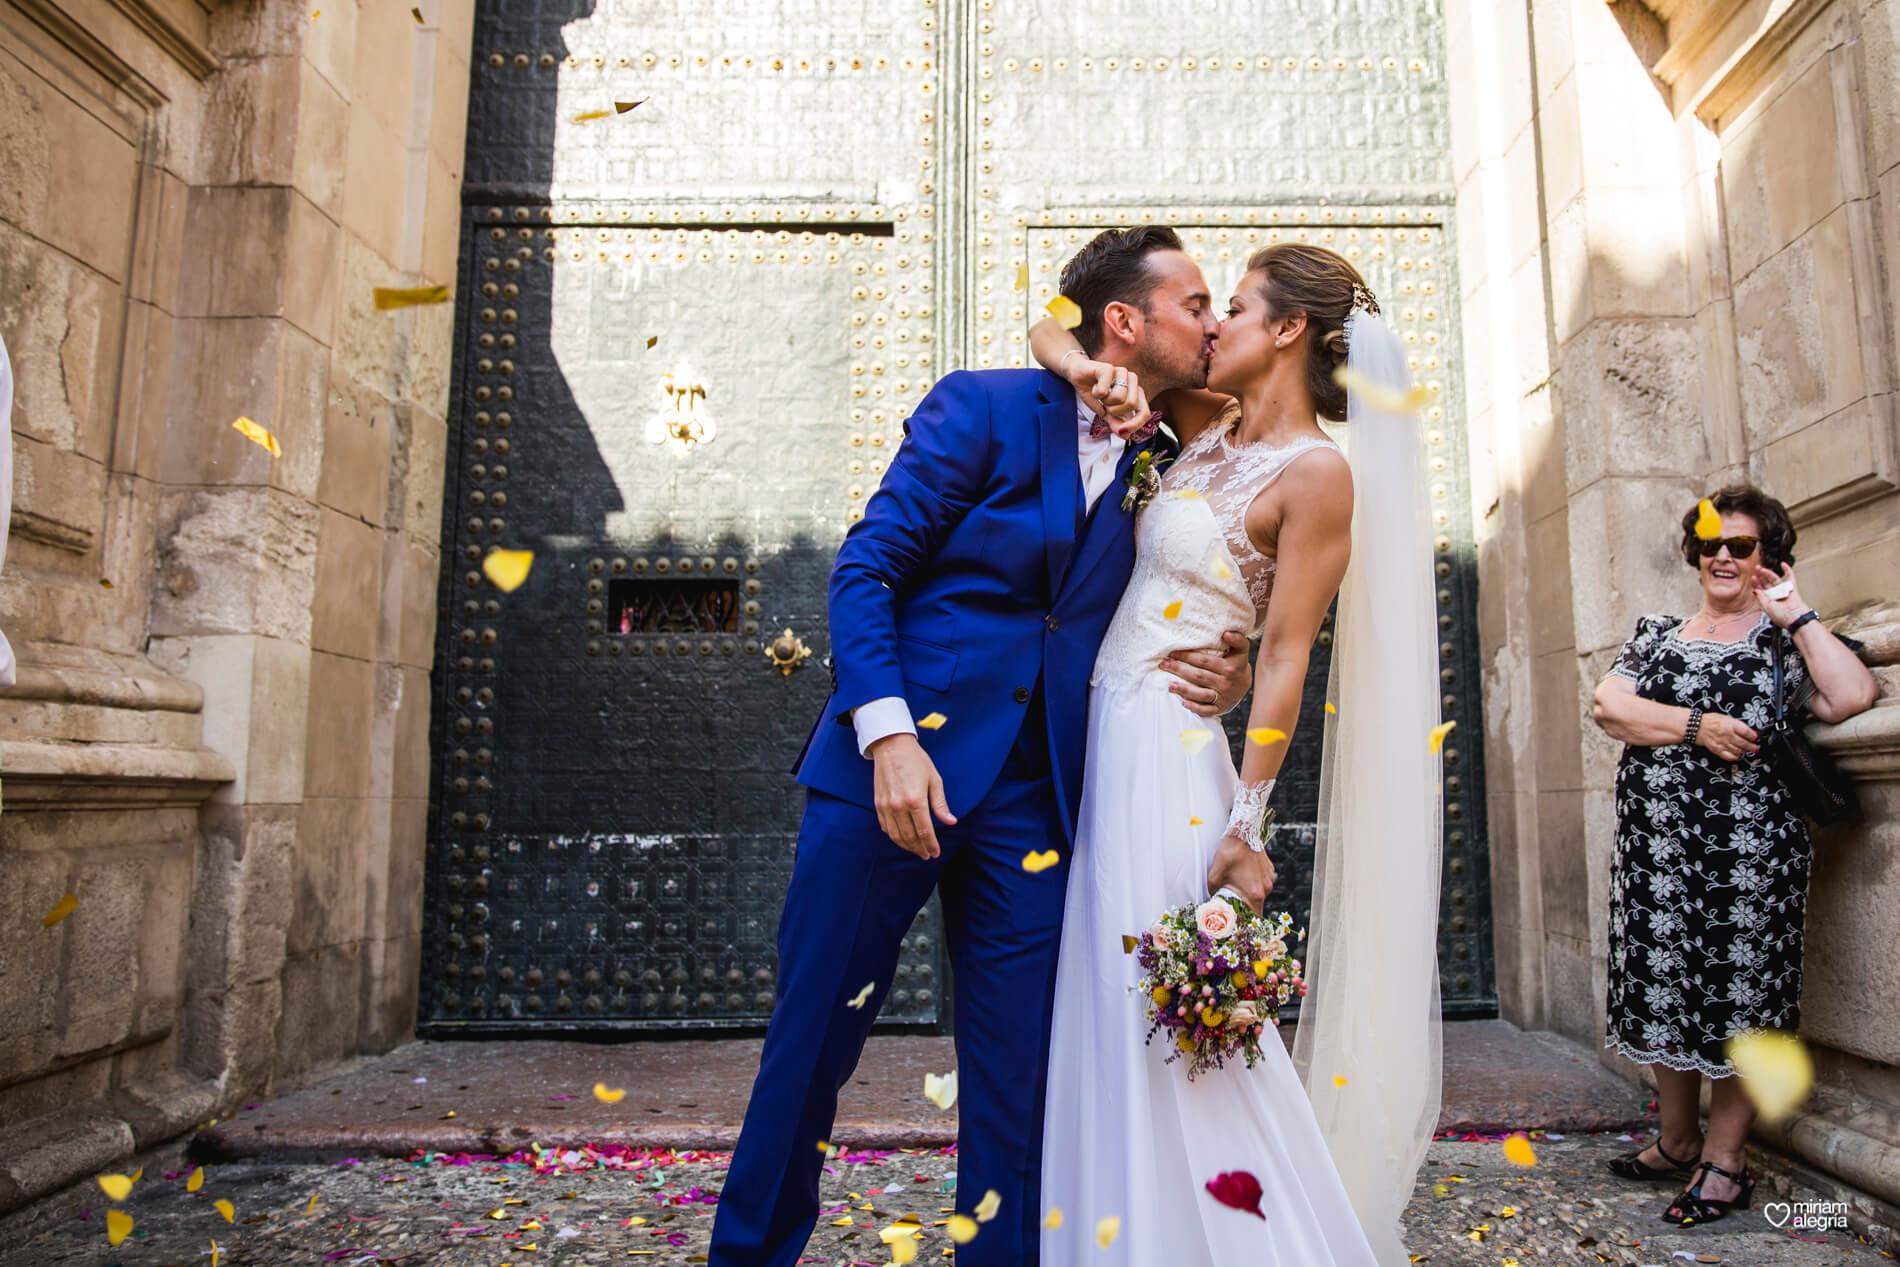 wedding-huerto-del-cura-elche-miriam-alegria-fotografos-boda-238